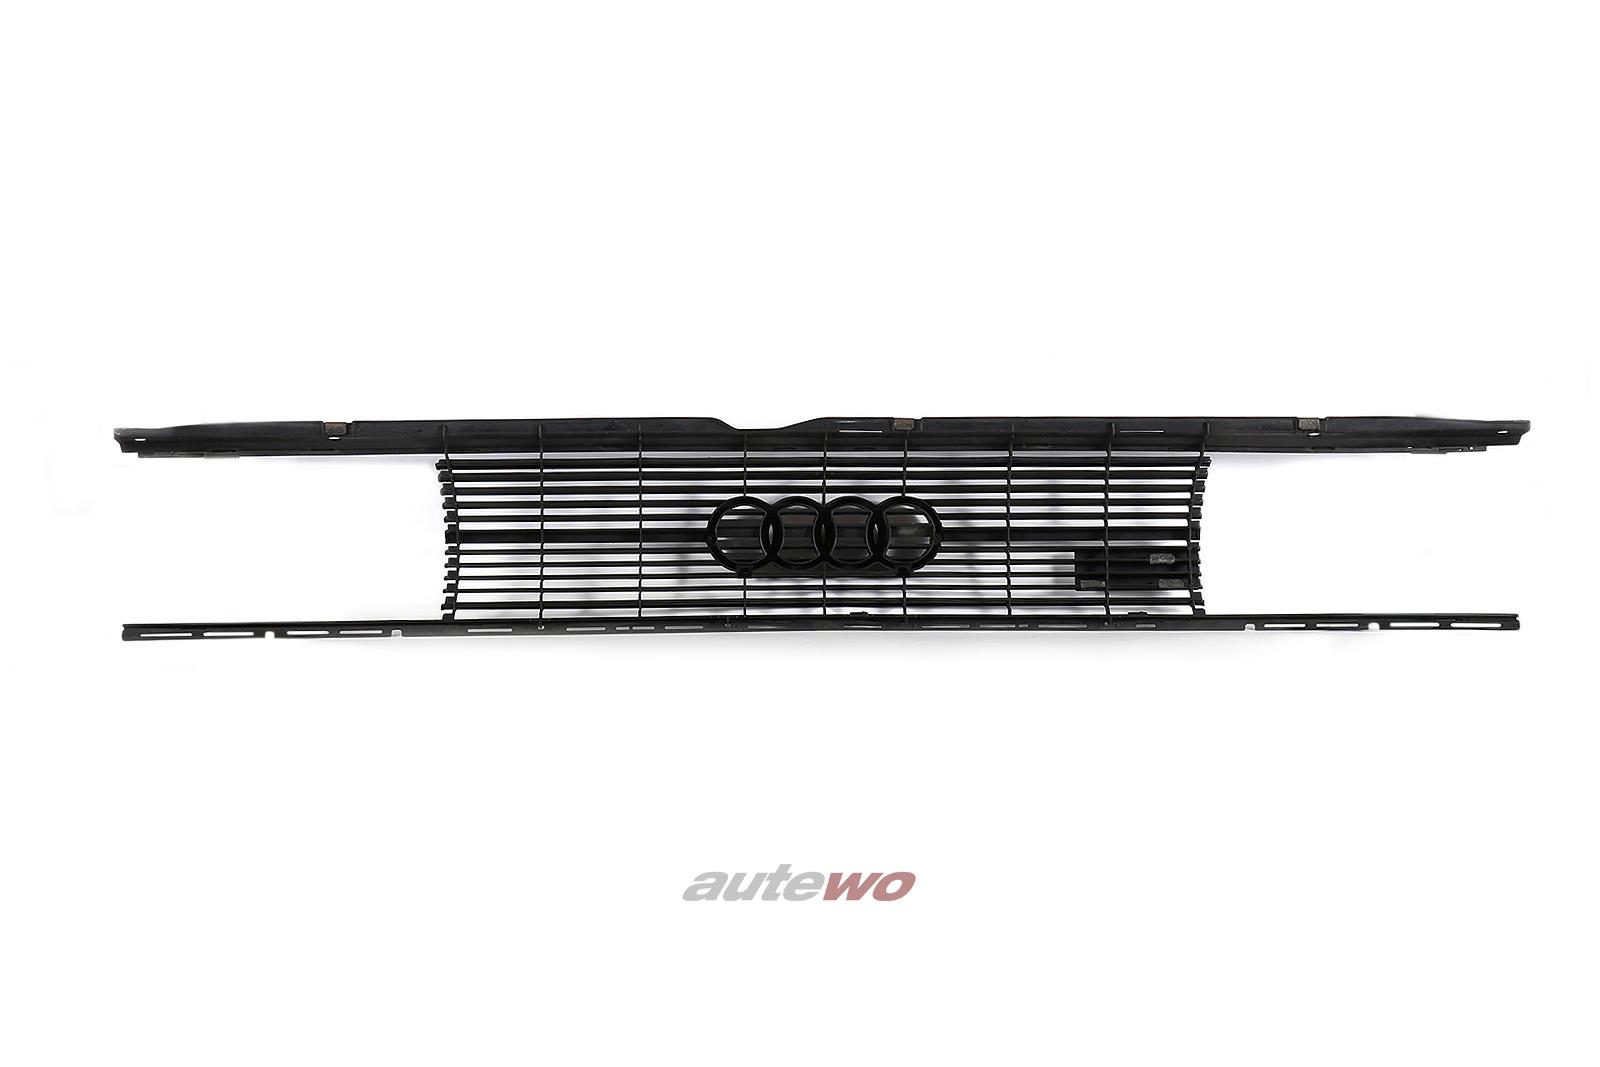 431853655A 431853651C Audi 100/200 Tp 43 Kühlergrill + Leisten/5T-Emblem